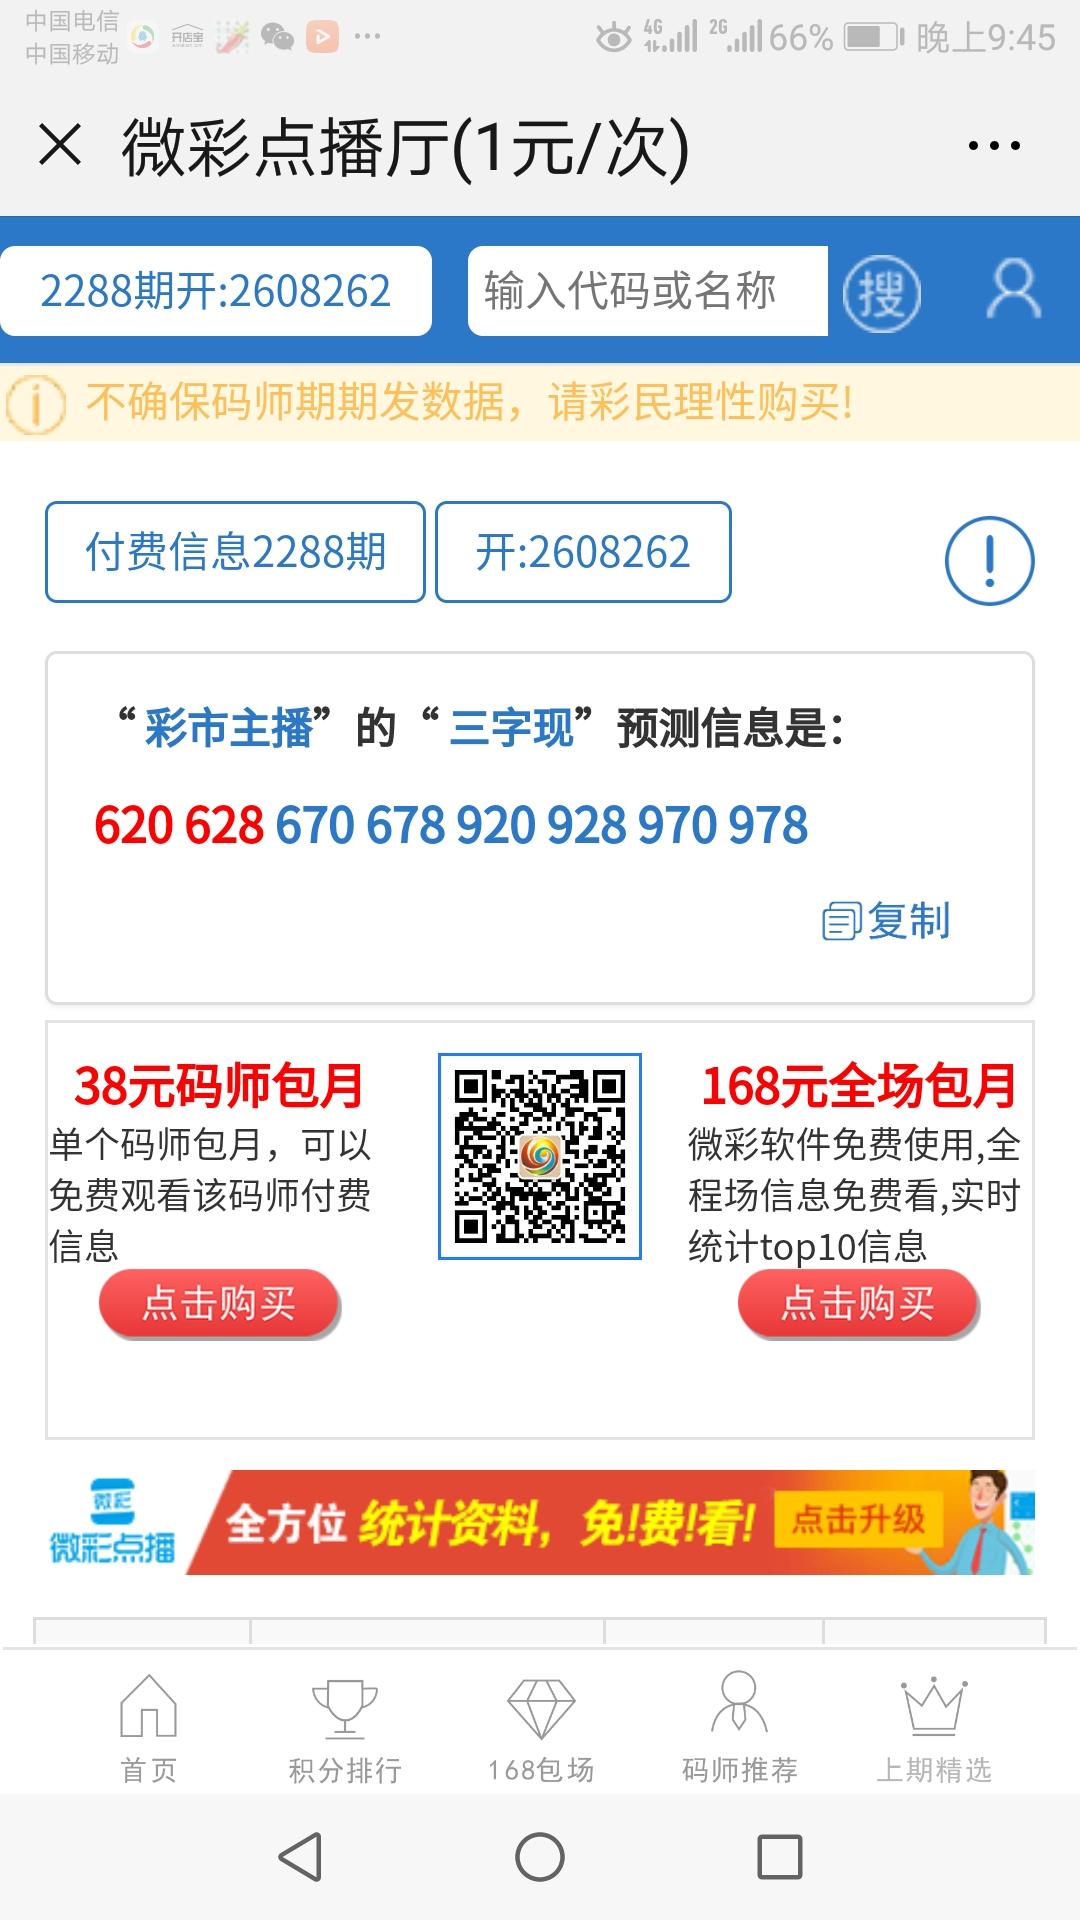 Screenshot_20190414-214537.jpg